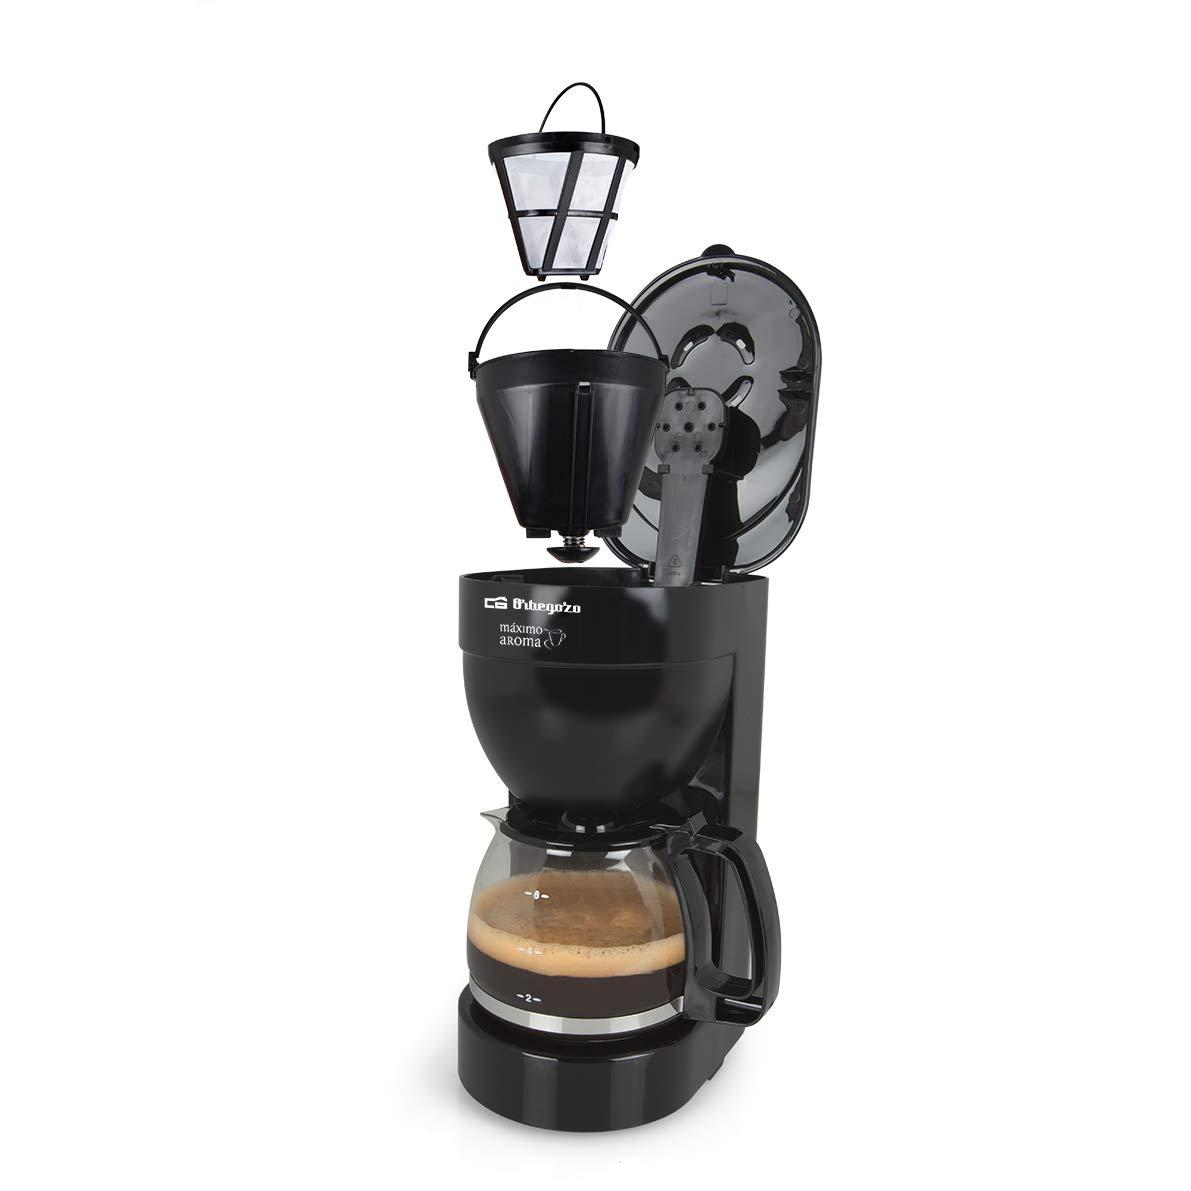 Orbegozo CG 4014 - Cafetera goteo 6 tazas, jarra de cristal de 0,6 litros de capacidad, 650 W de potencia: Amazon.es: Hogar